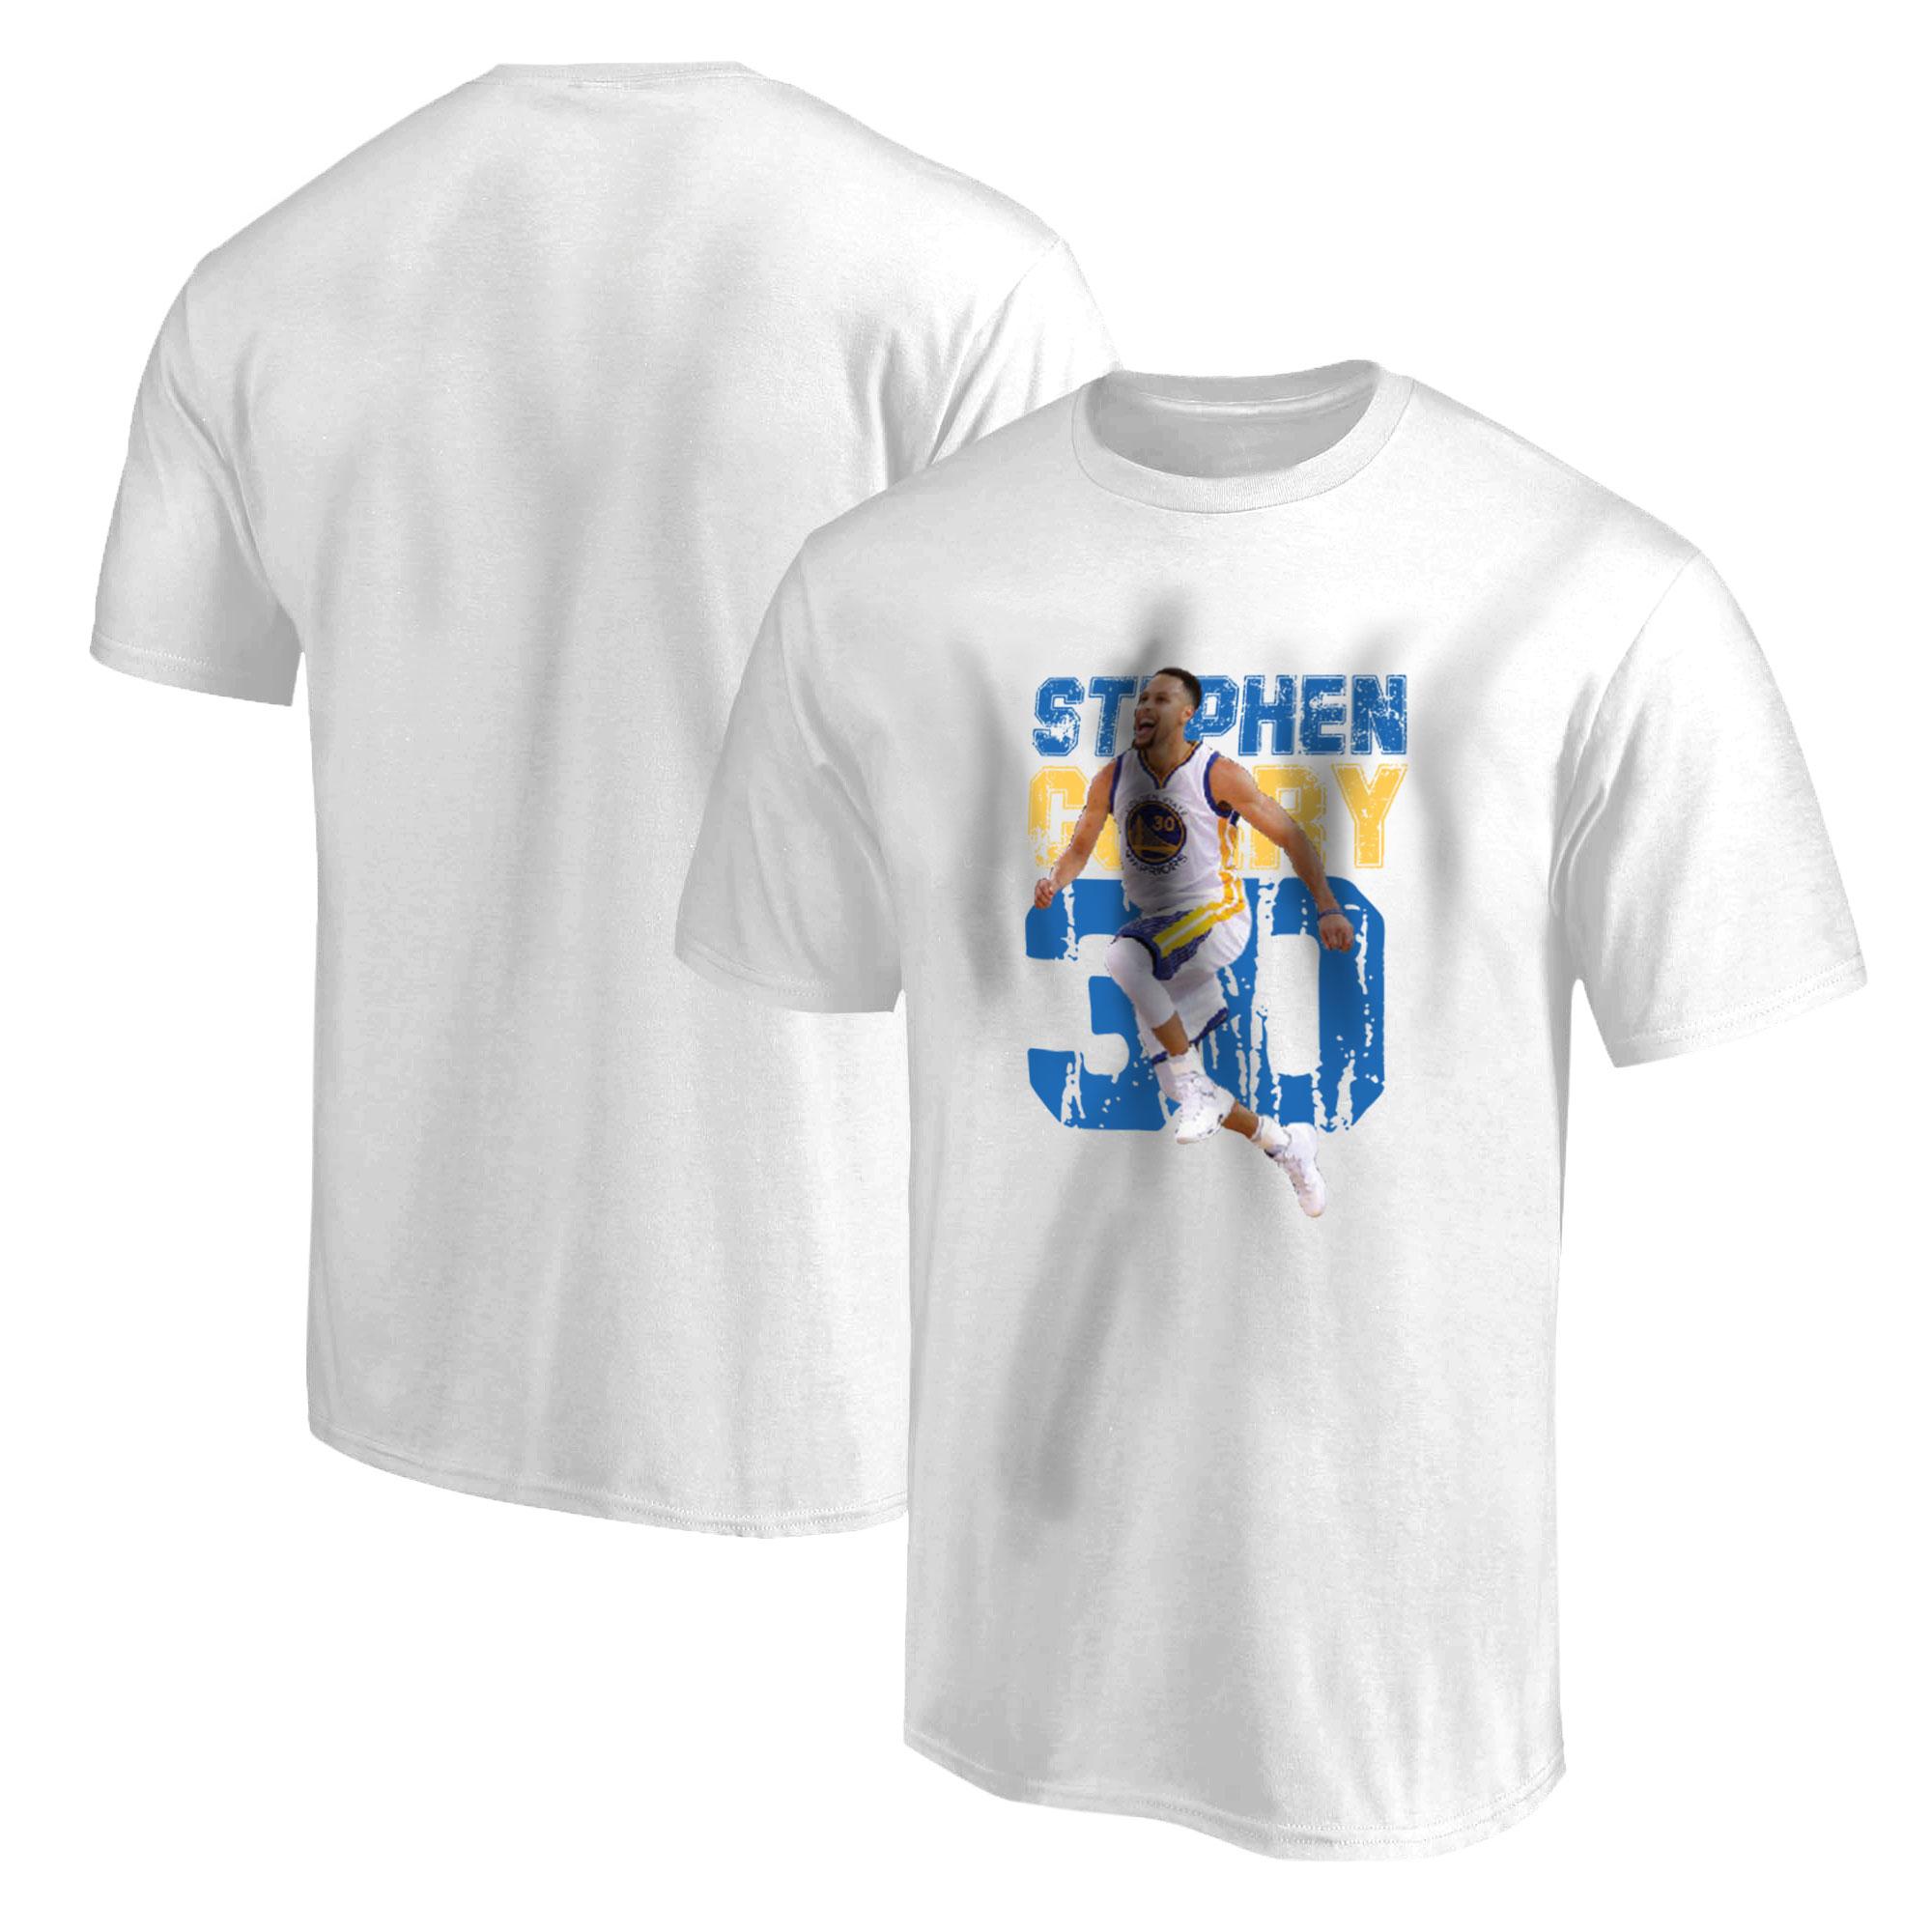 Stephen Curry Tshirt (TSH-WHT-478-PLYR-GSW-CURRY)